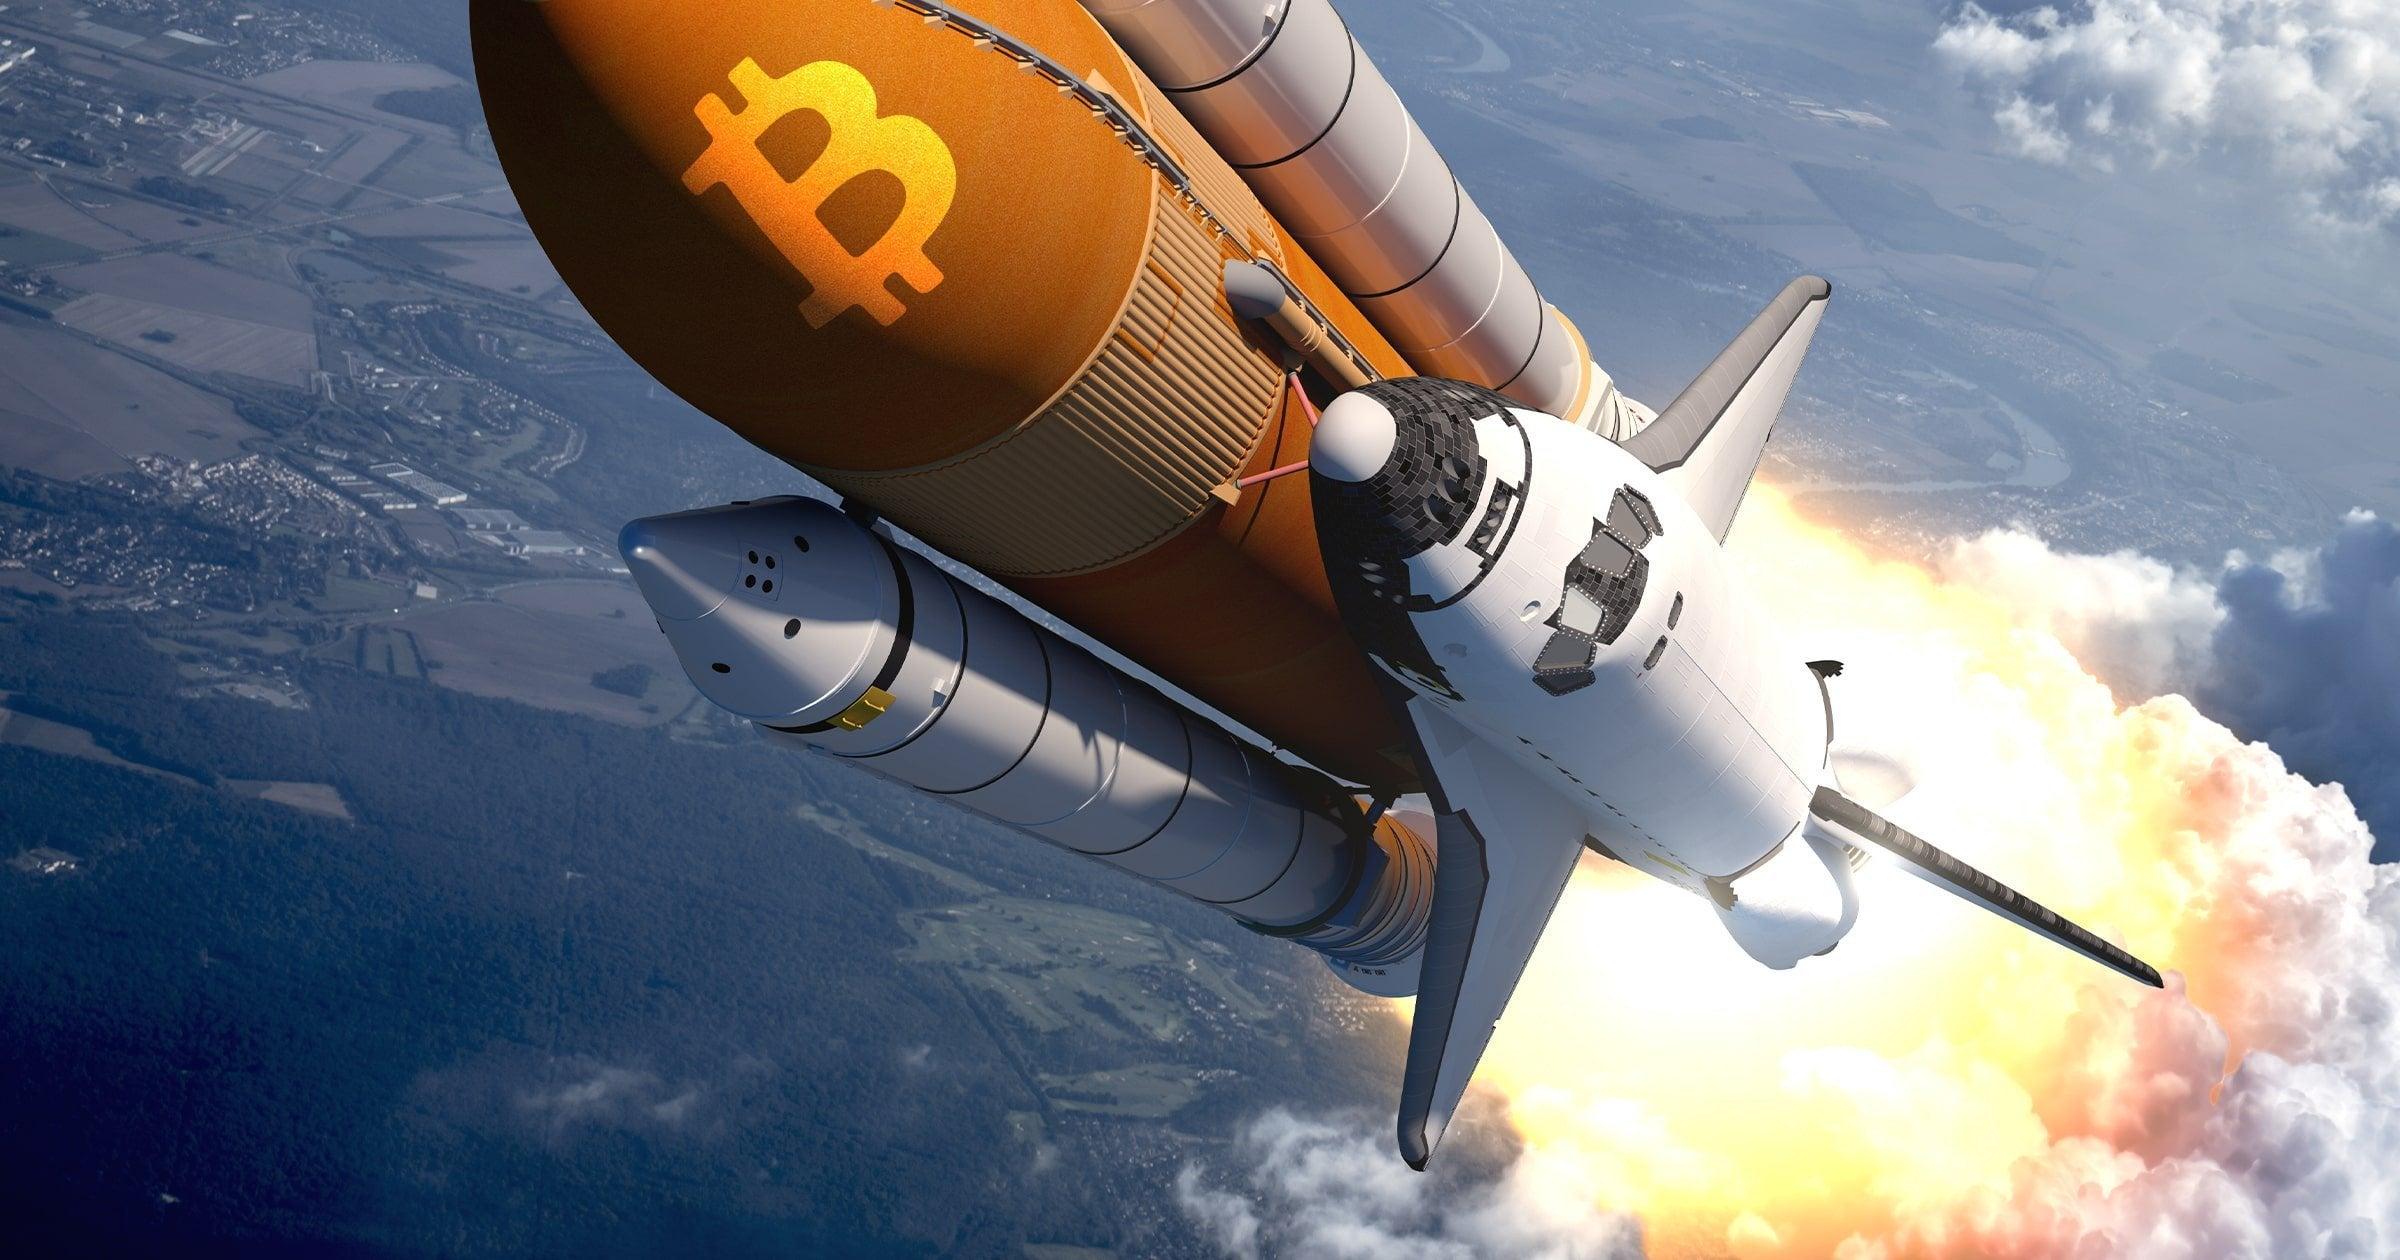 bitcoin 1 saat icinde 4 000 dolar yukseldi yukselisin arkasinda ne var